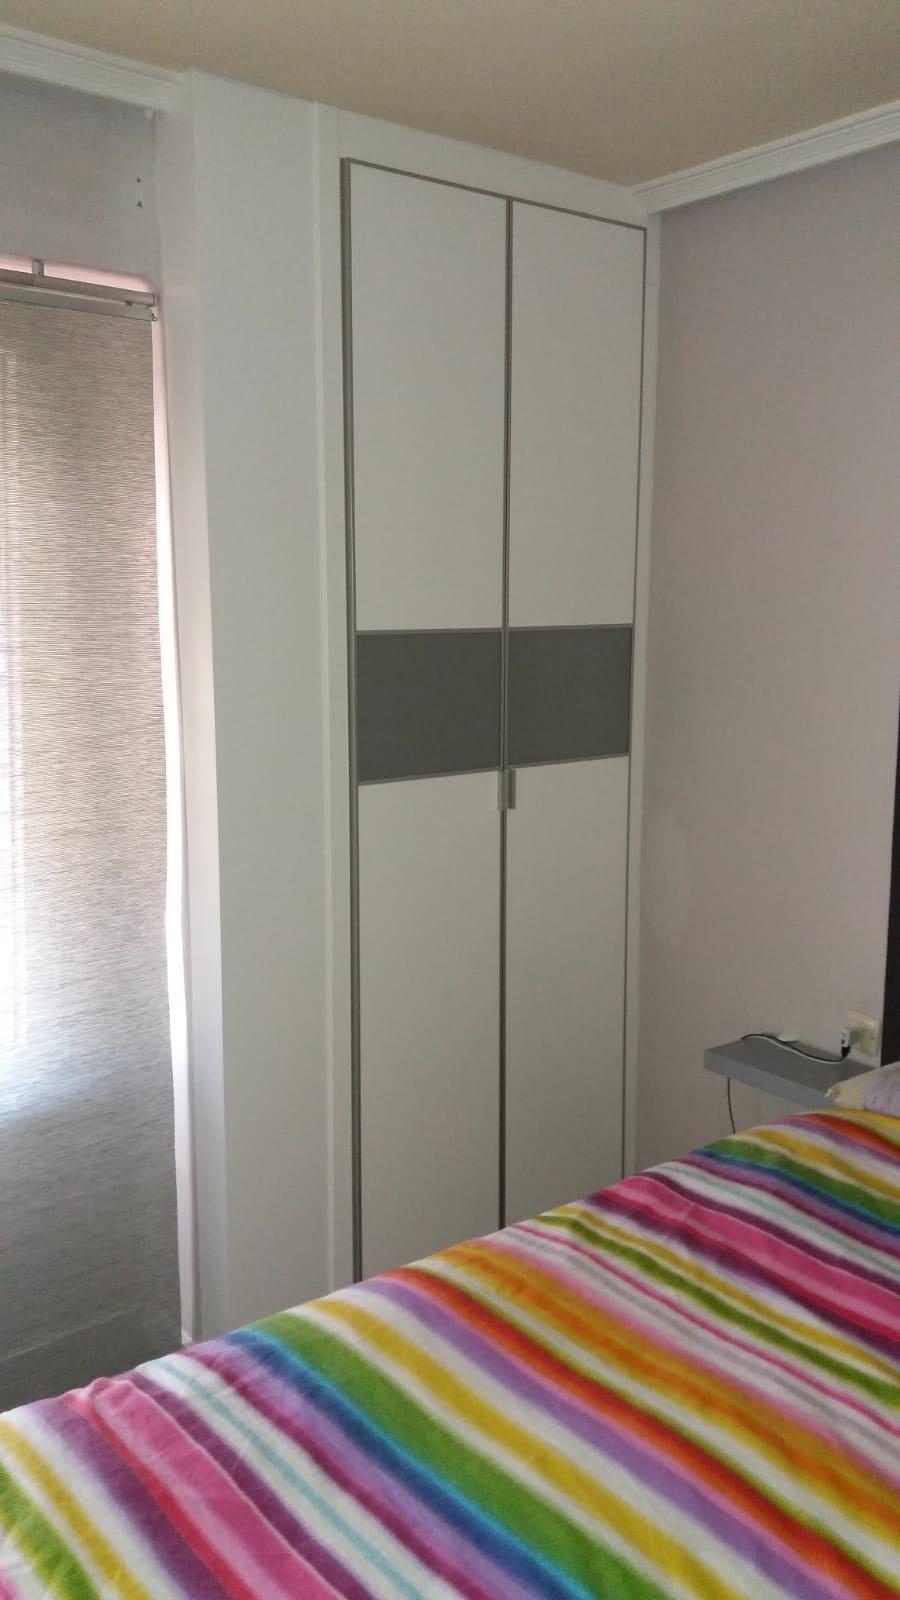 Armario Empotrado con puertas abatibles habitación pequeña.